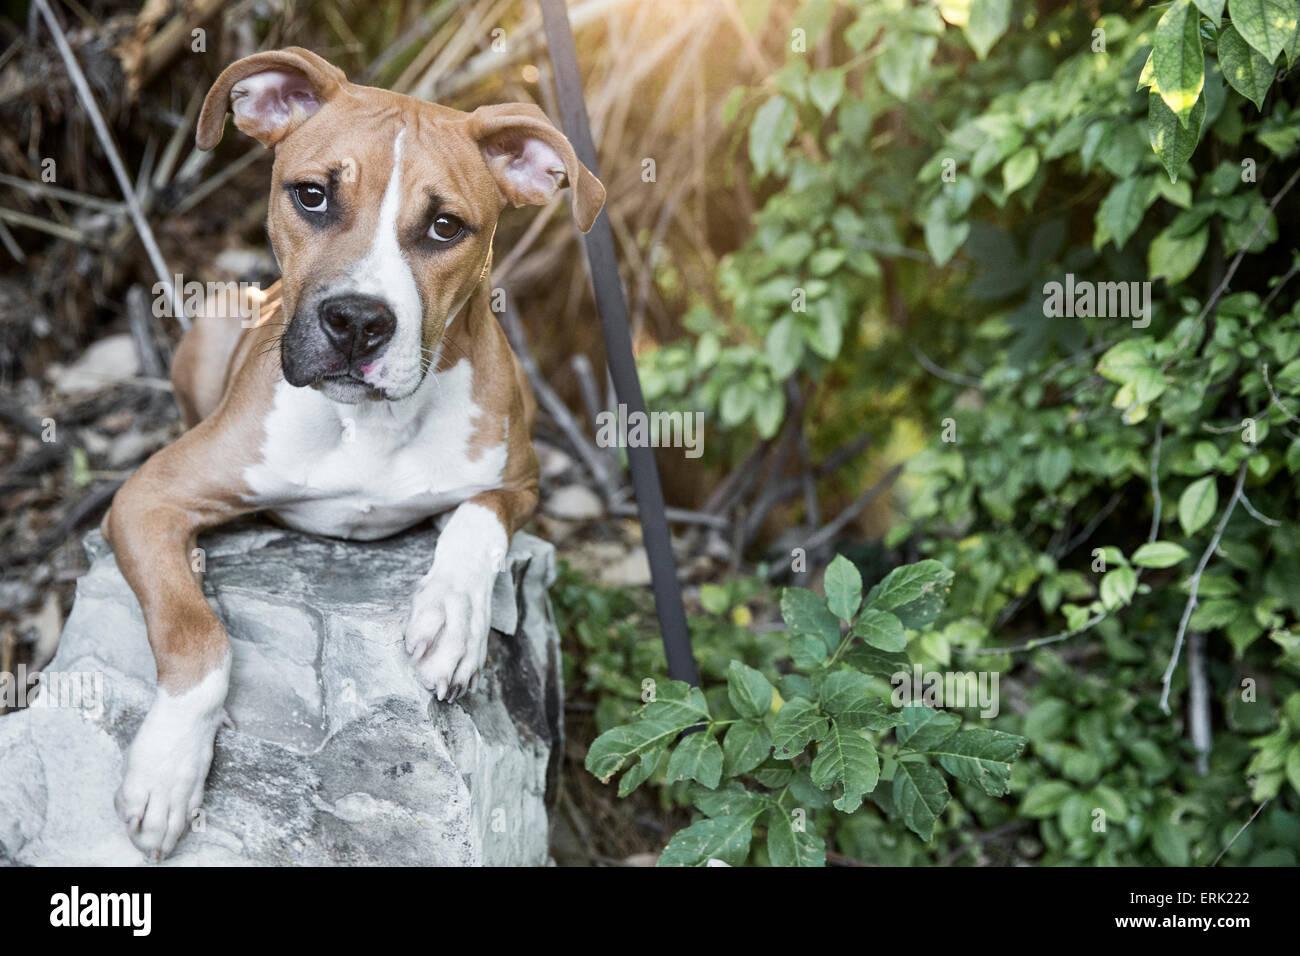 Retrato de luz blanca marrón cachorro sentar sobre una roca en la rica escena de plantas verdes y follaje en el jardín con el calor del sol flare Foto de stock